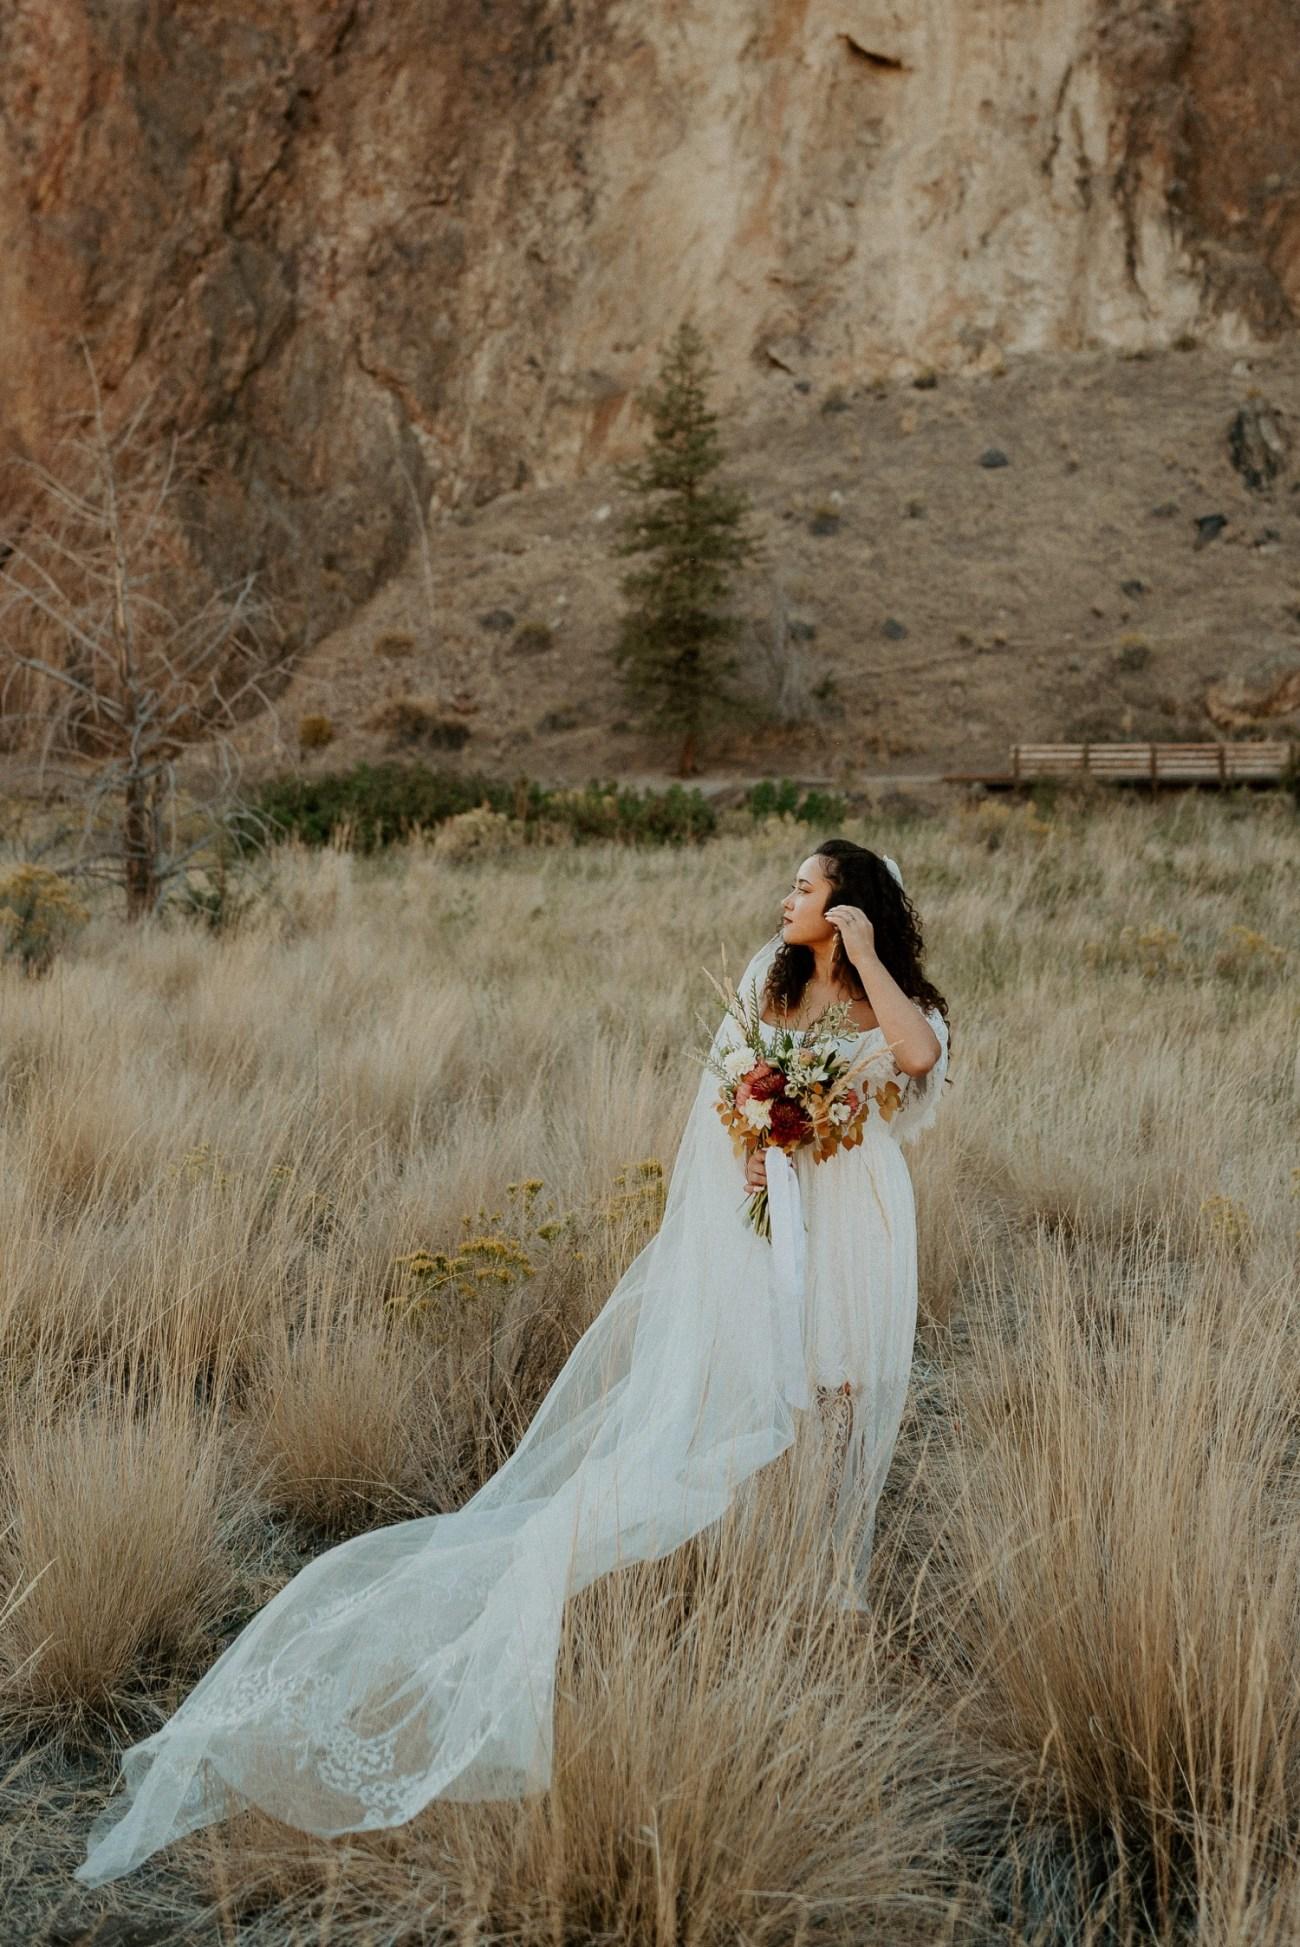 Smith Rock Elopement Bend Elopement Photographer Bend Wedding Photographer Fall Bend Wedding Anais Possamai Photography 018